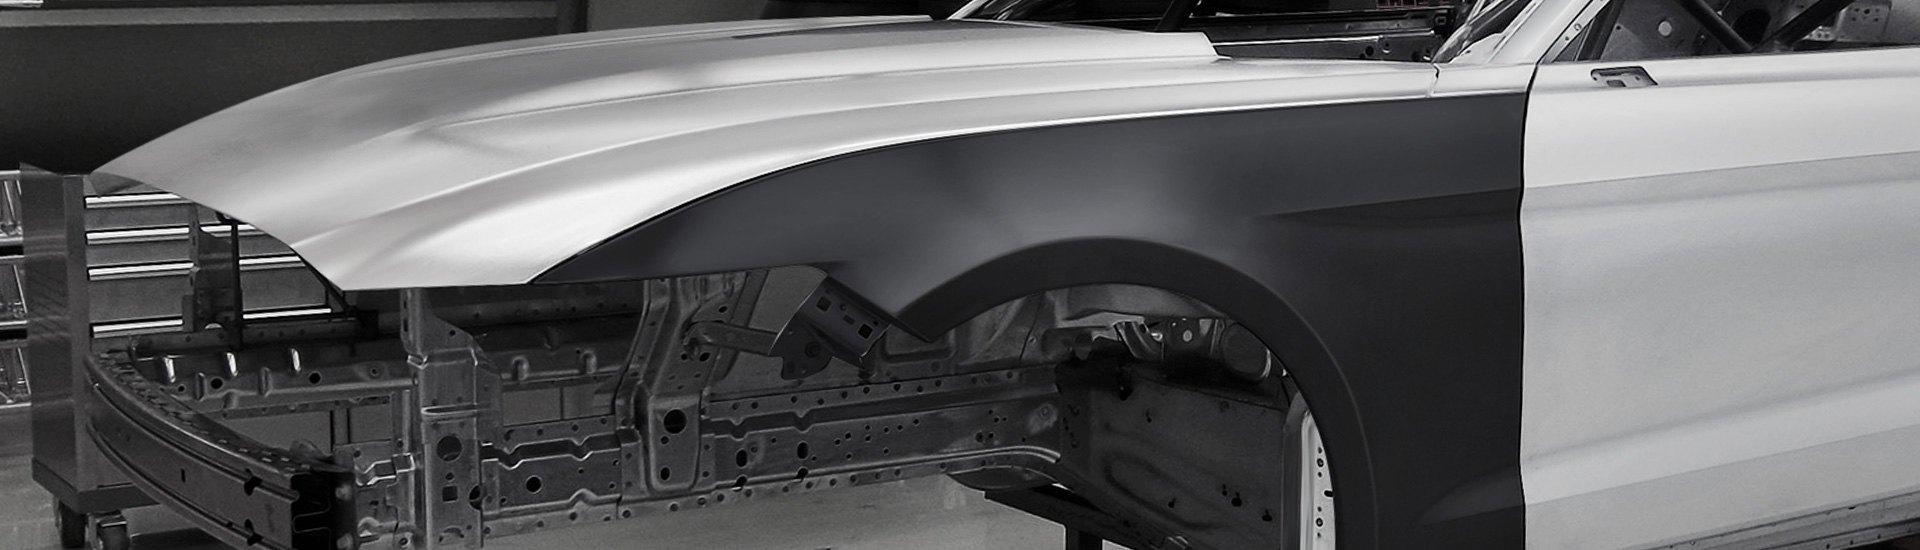 Replacement Fenders | Panels, Moldings, Trim, Inner Fenders